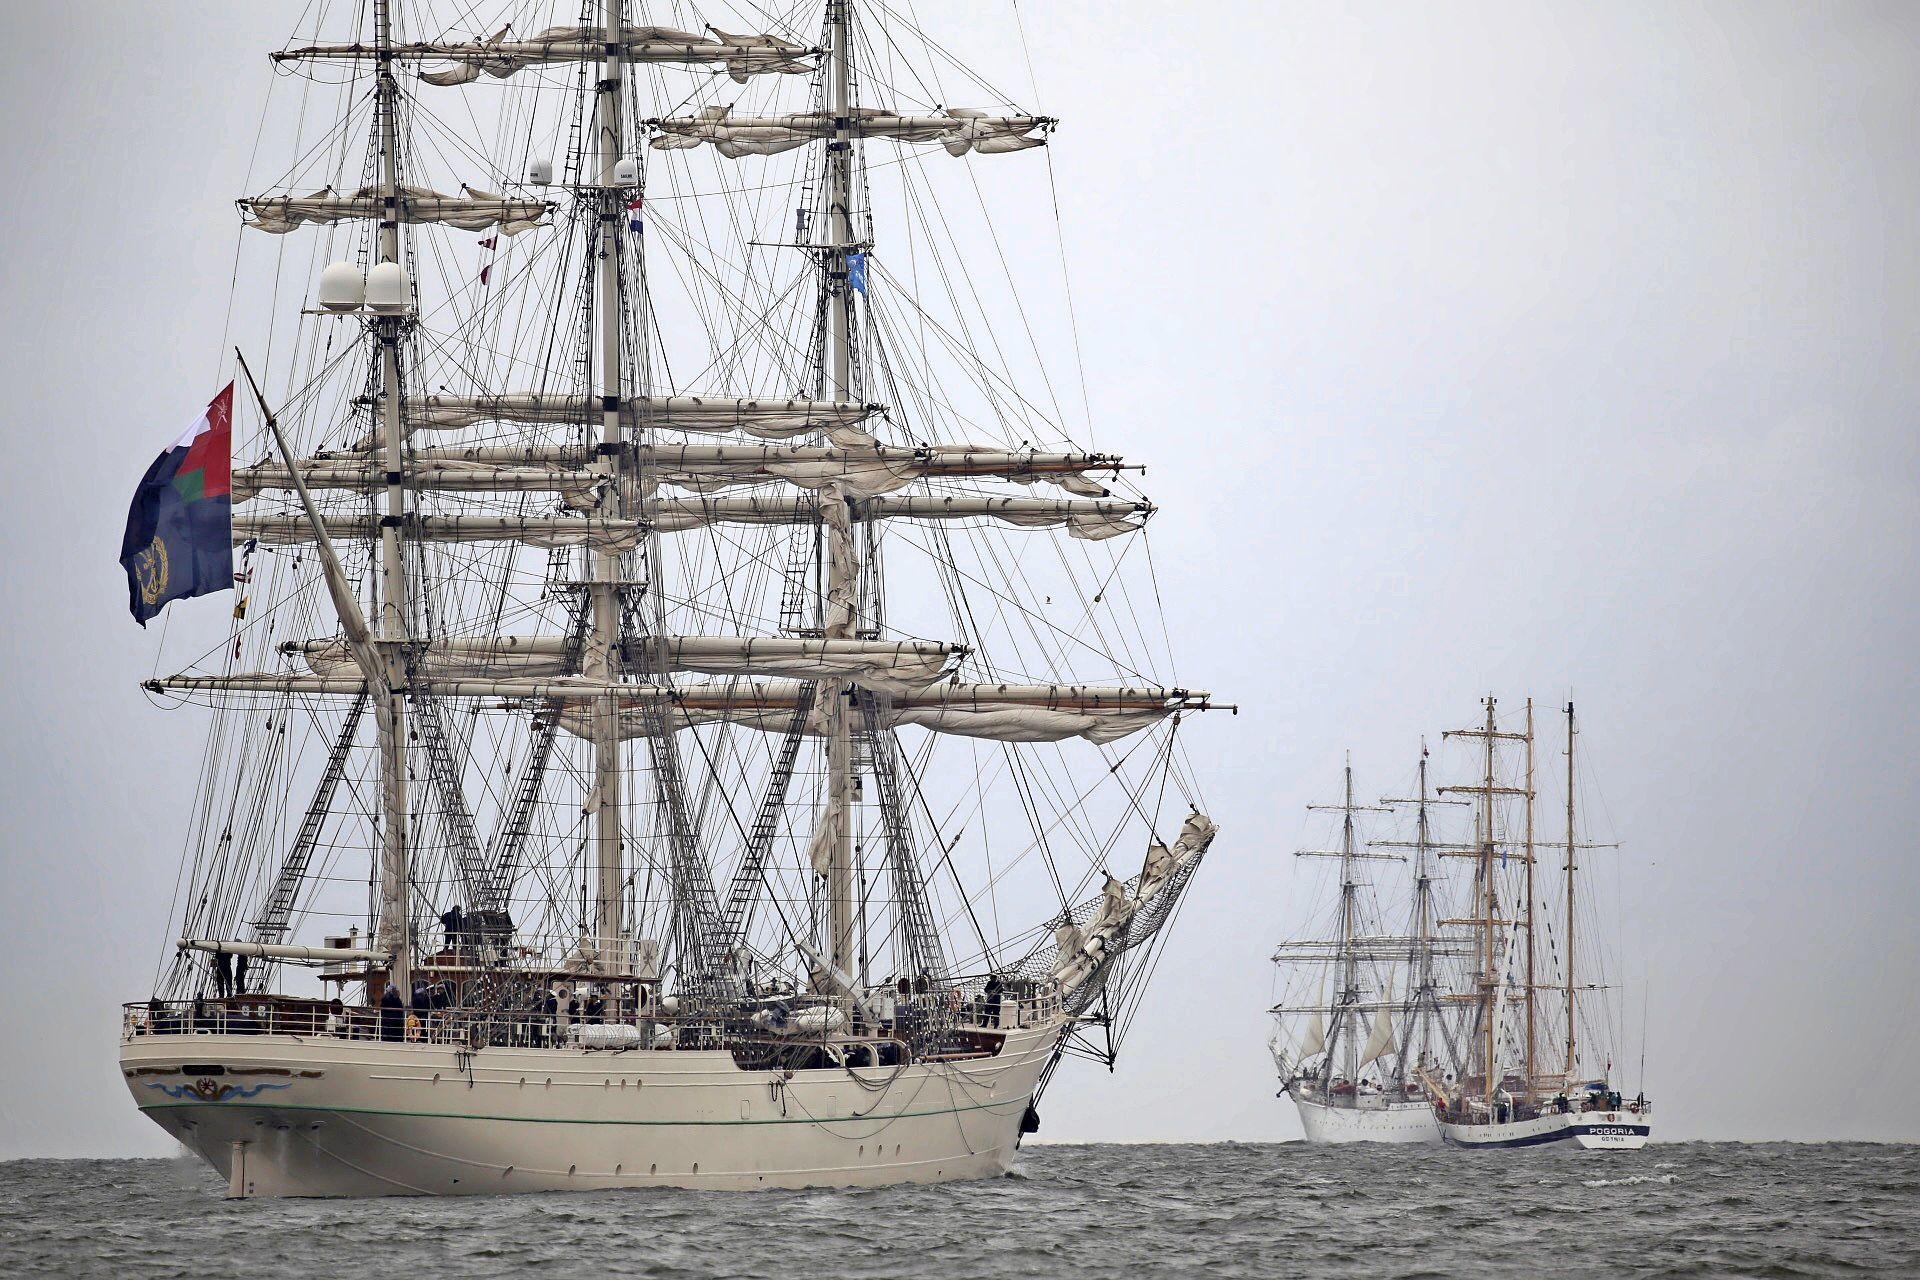 Oude tijden herleven op de Rede van Texel met levend schilderij van zeilschepen tijdens Sail Den Helder. Volgend jaar krijgt Oudeschild al een voorproefje